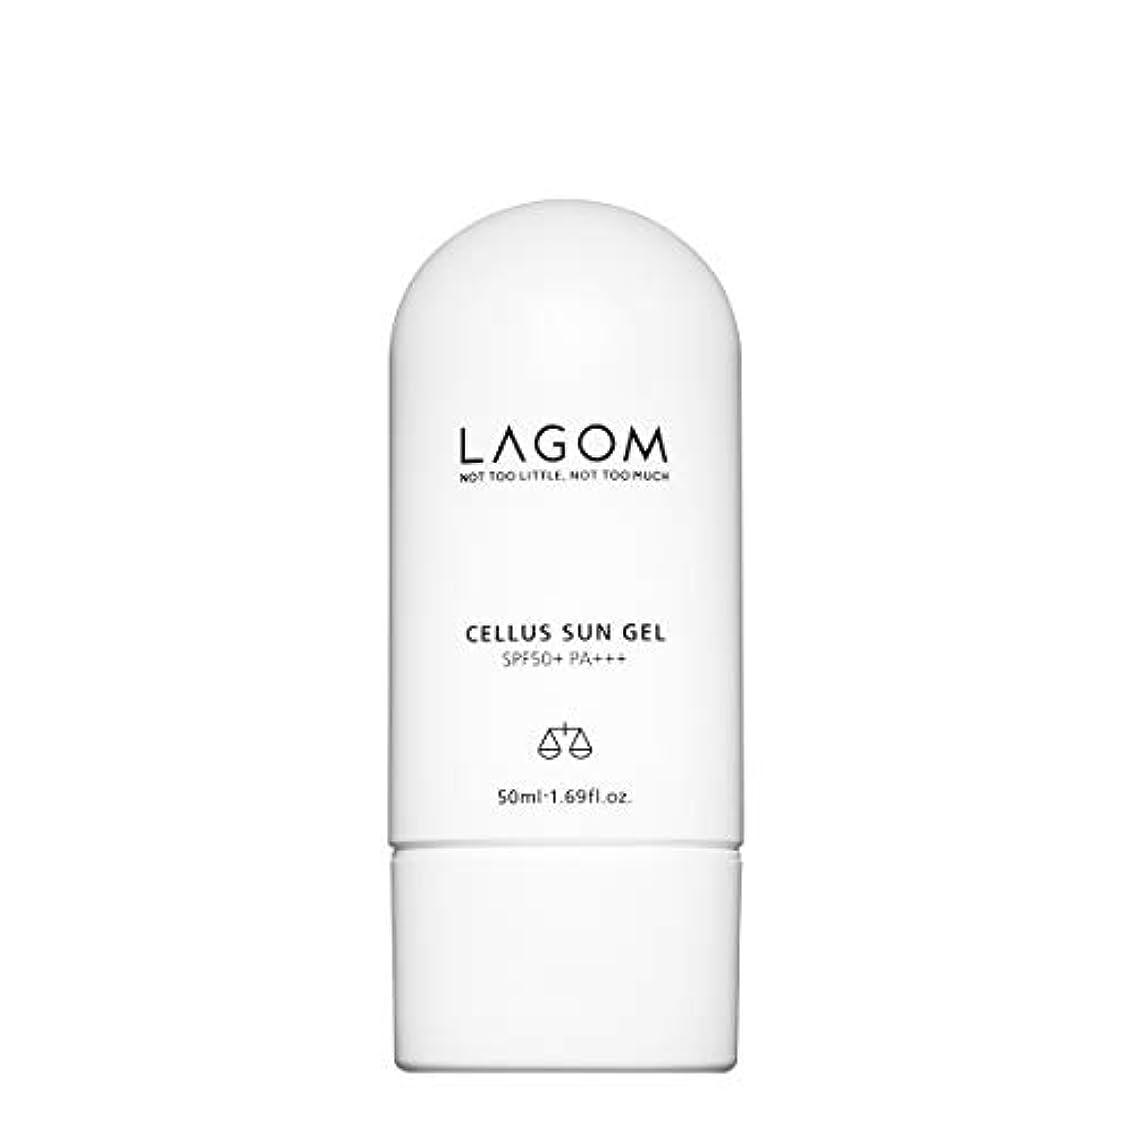 を必要としています一瞬適切にラゴム サンジェル 50ml (日焼け止め乳液) SPF50+/PA+++ 国内正規品